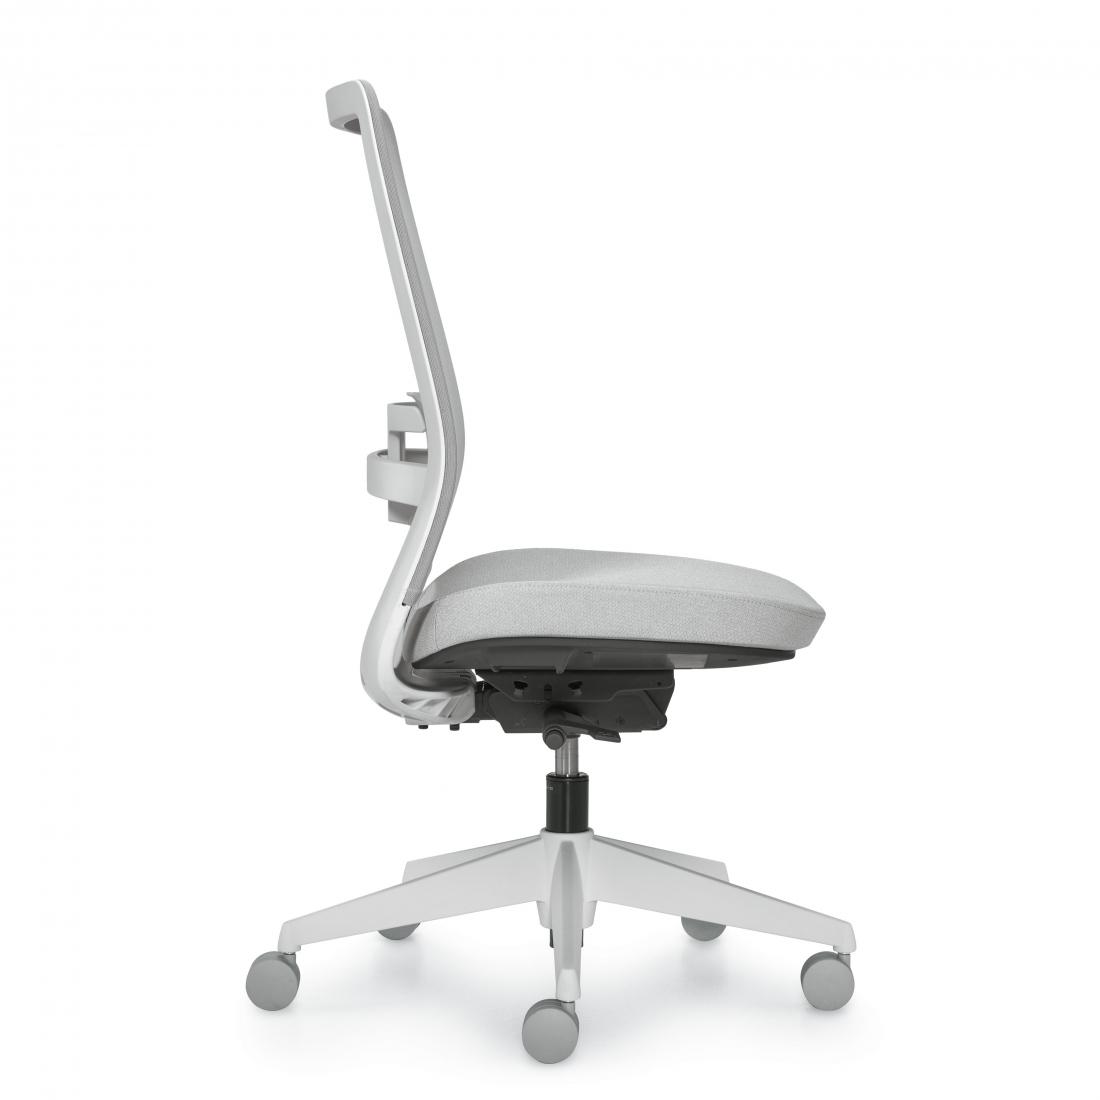 global factor chair model 5540na